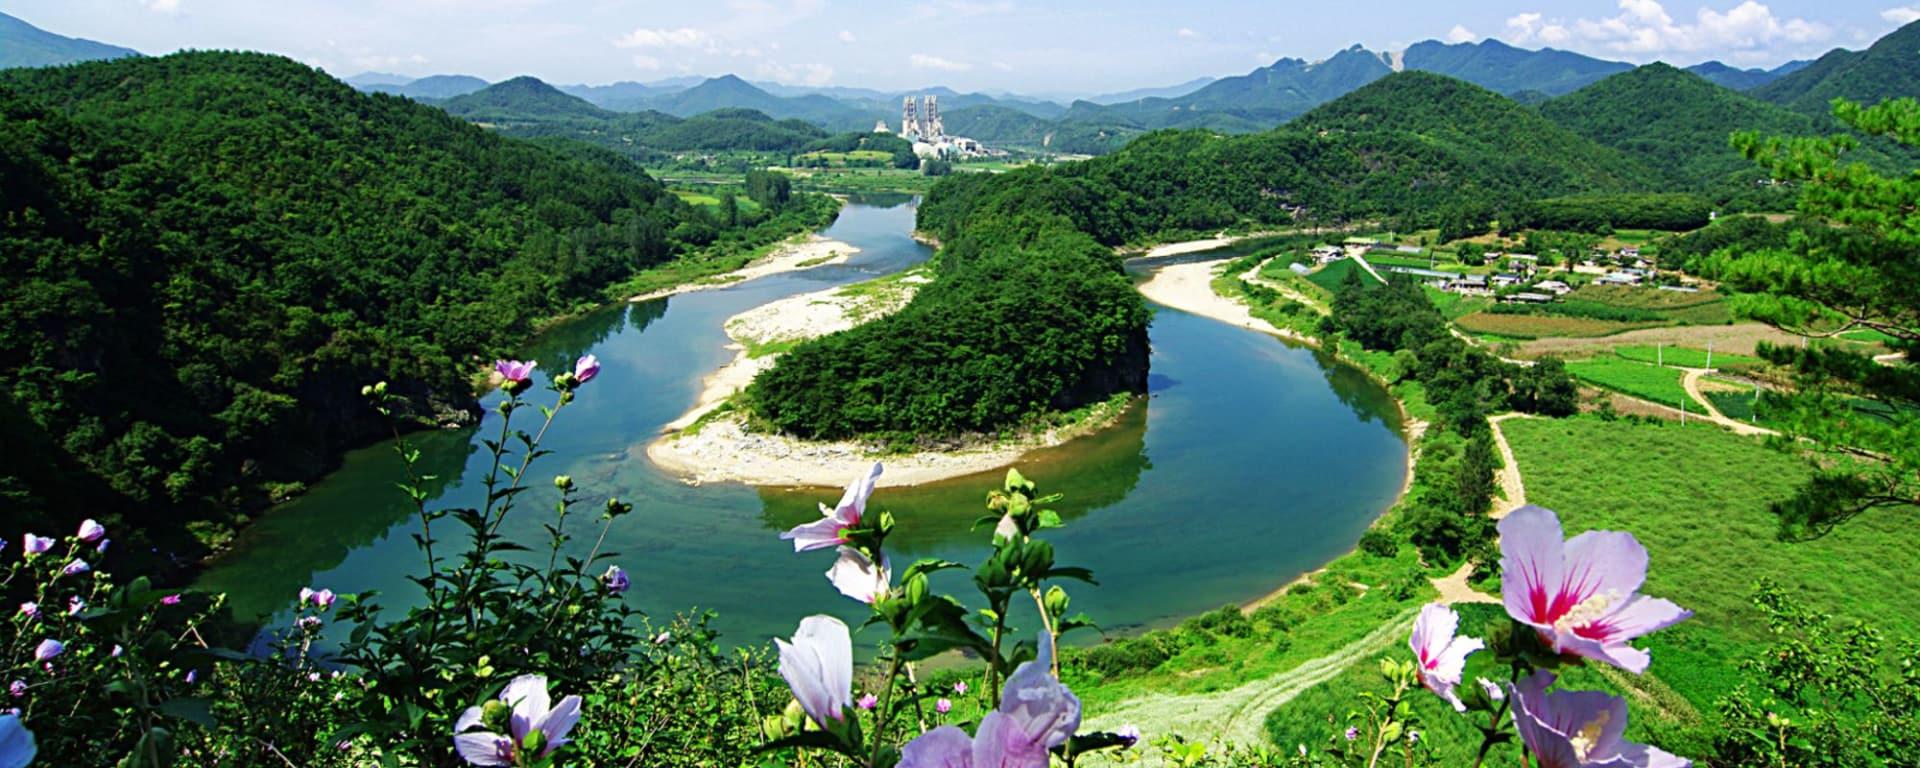 Wissenswertes zu Südkorea Reisen und Ferien: Seonam Village